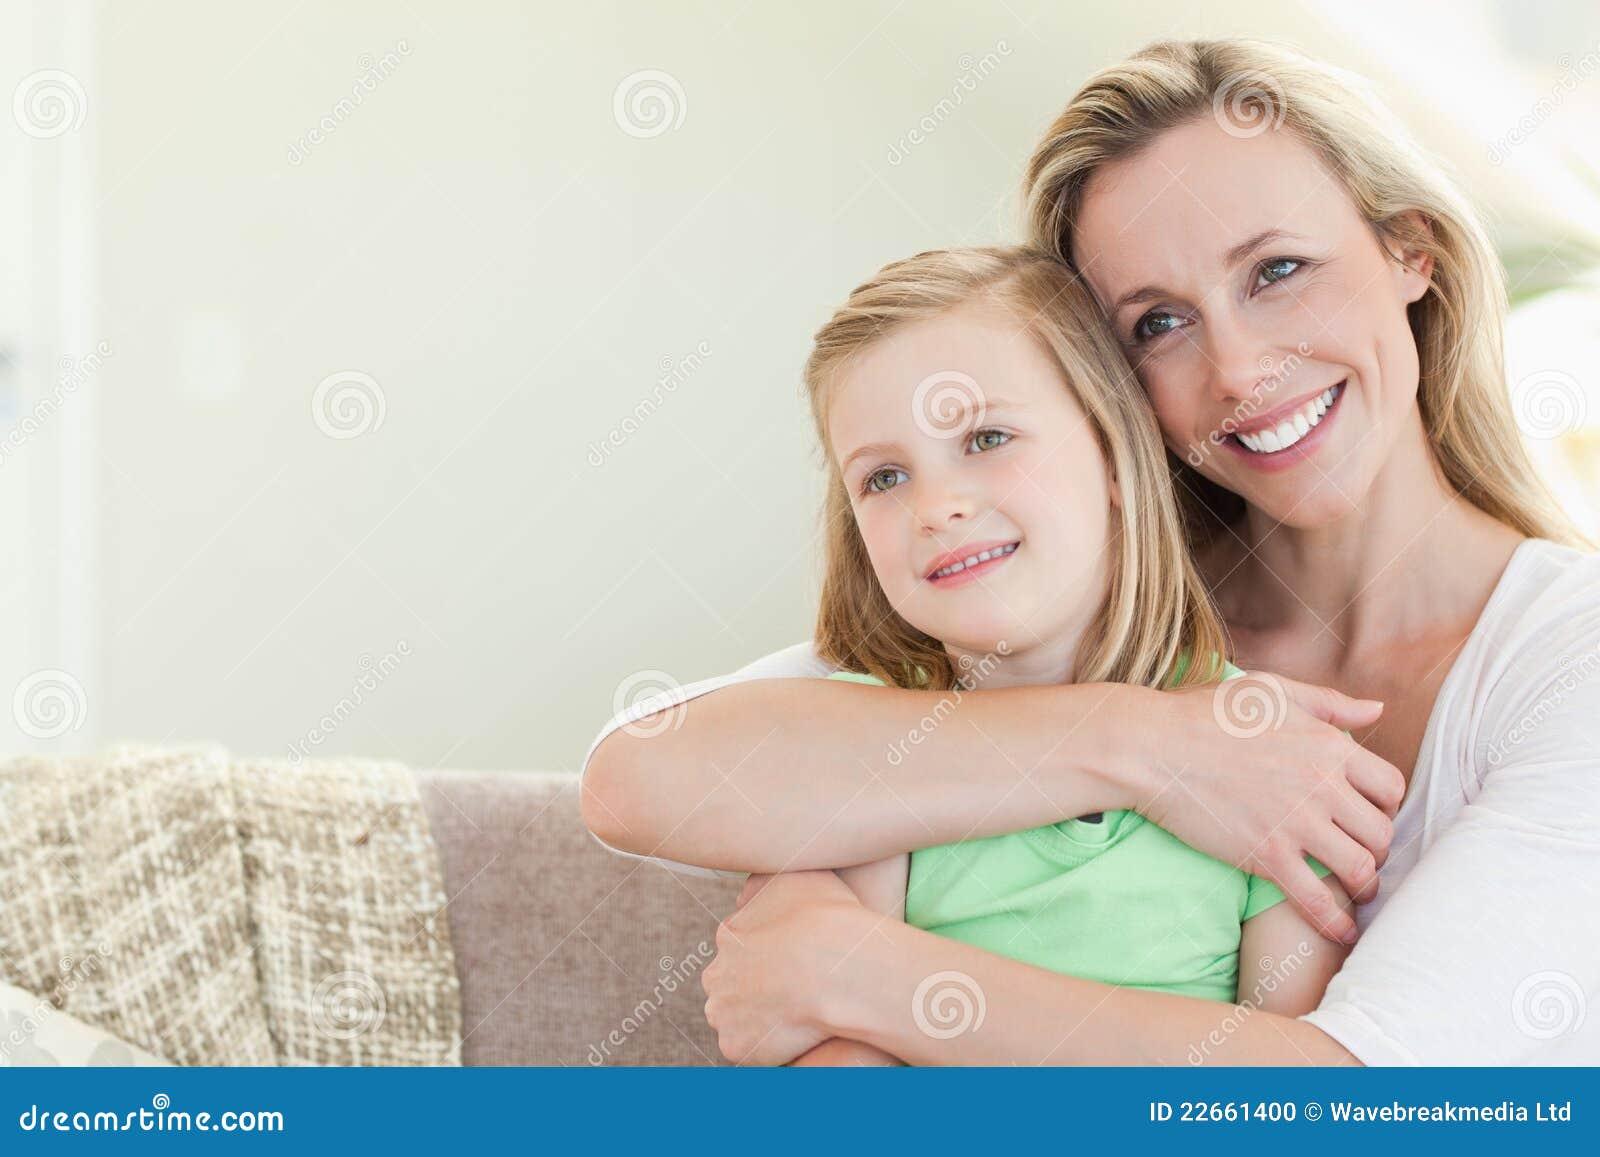 Фото мамы в кресле, Милфа с большими сиськами раздевается в кресле 25 фотография